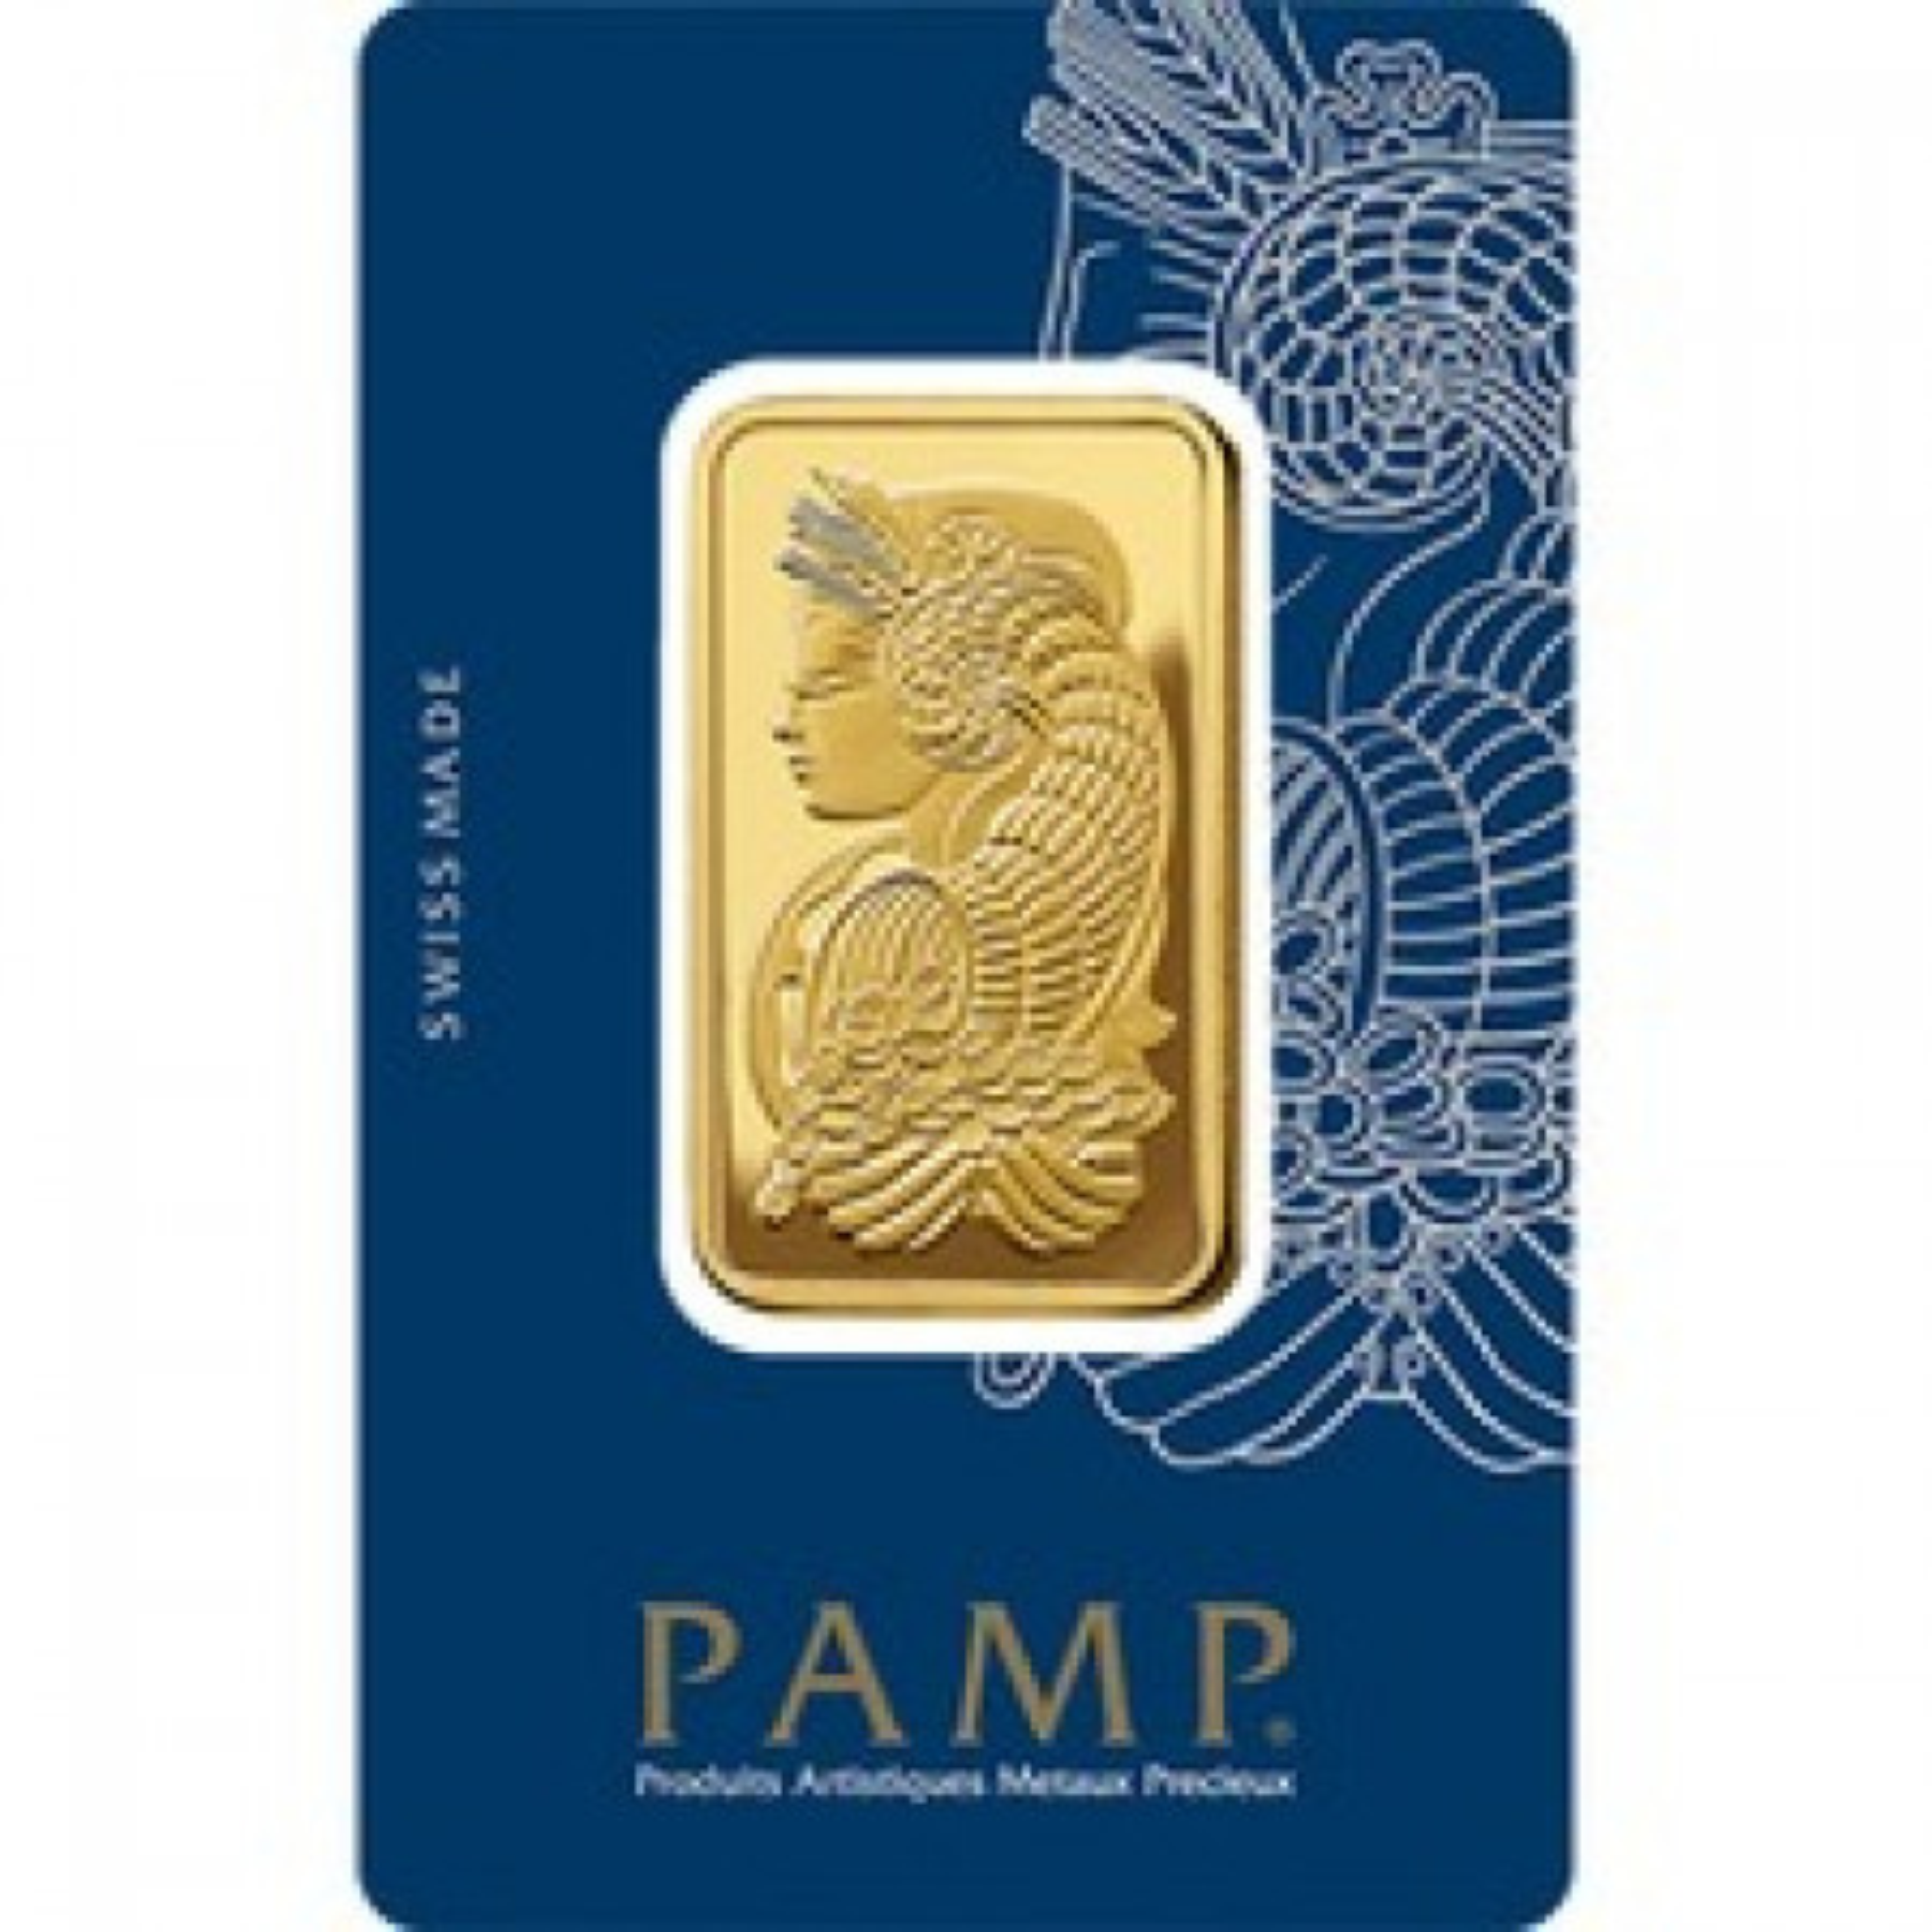 1 troy ounce goudbaar Pamp Suisse Fortuna